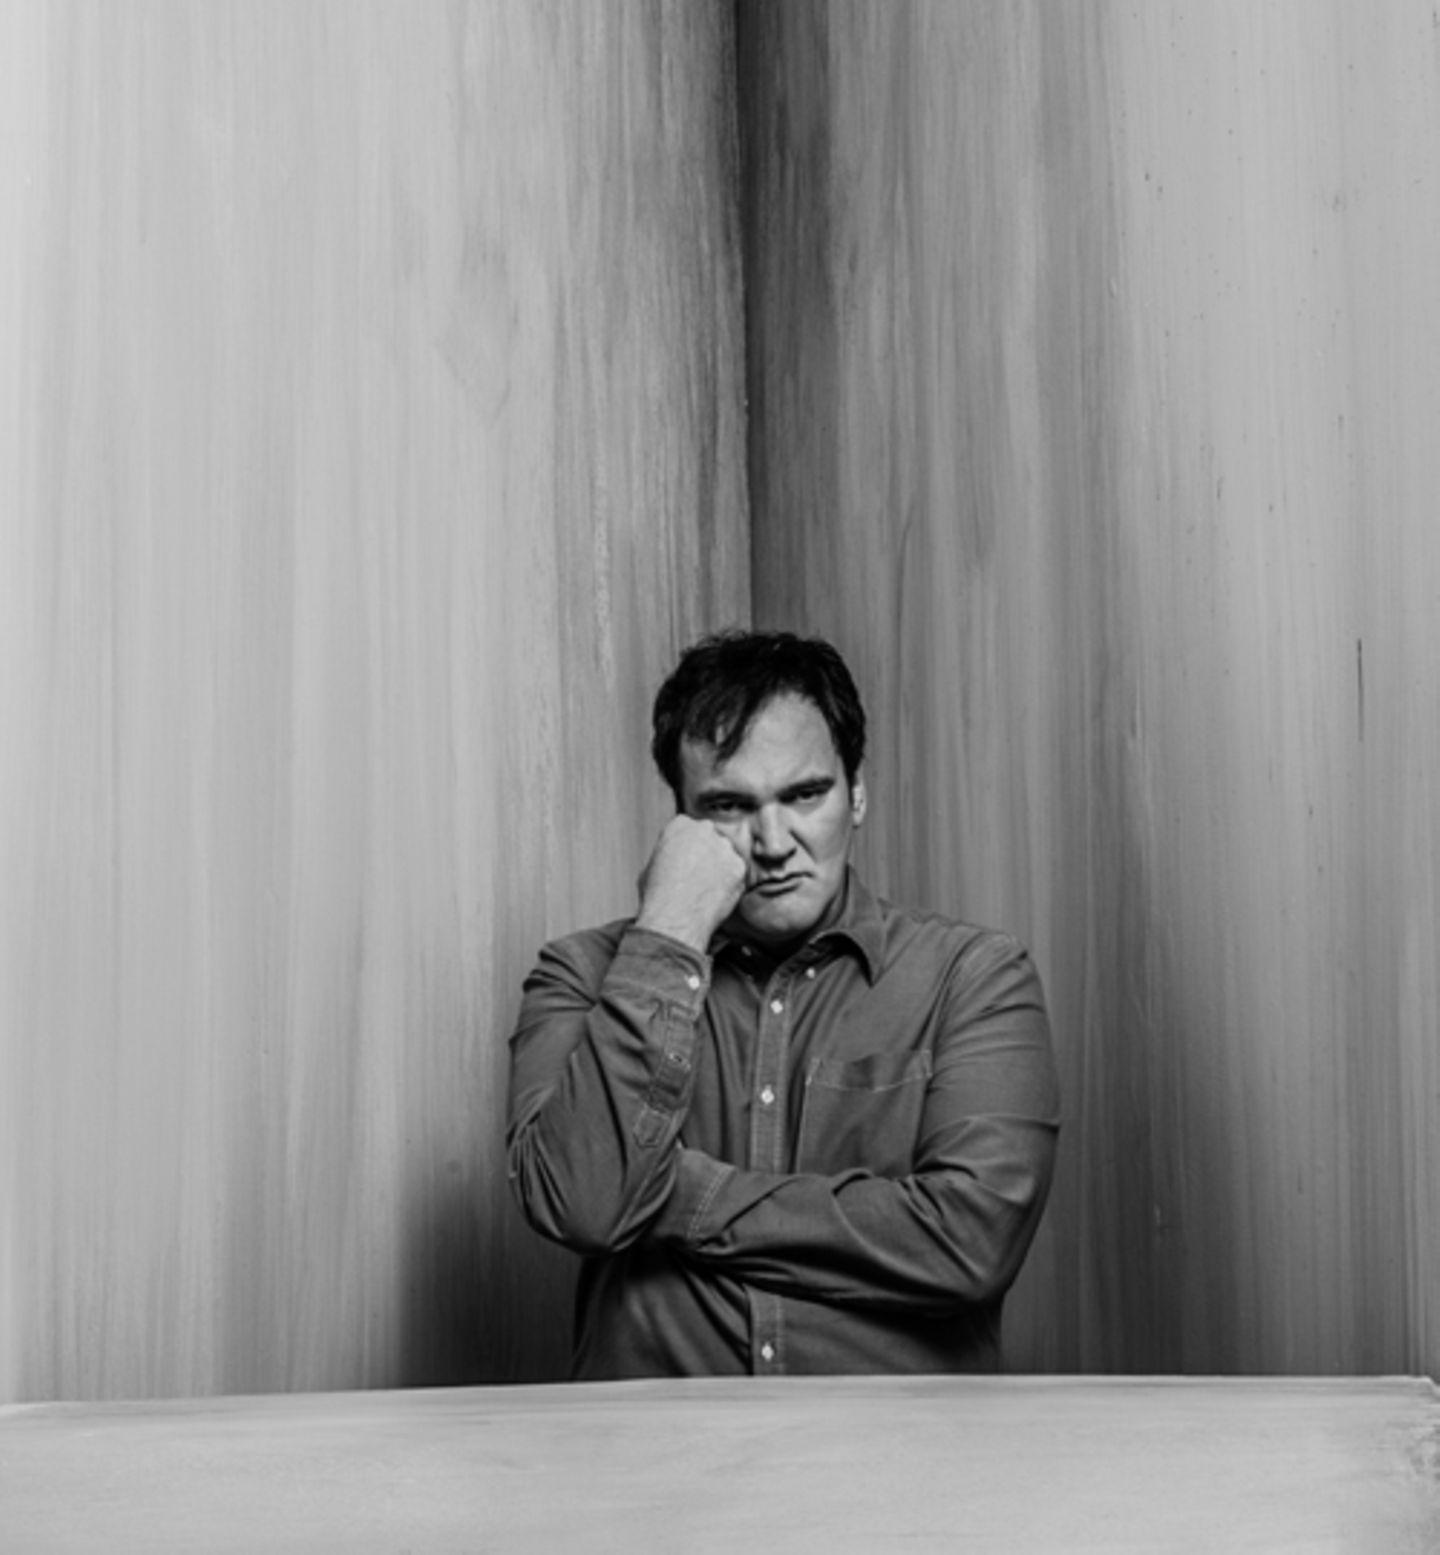 Porträt des US-Regisseurs Quentin Tarantino. Mit NEON spricht er über die Rolle der Gewalt in seinen Film.